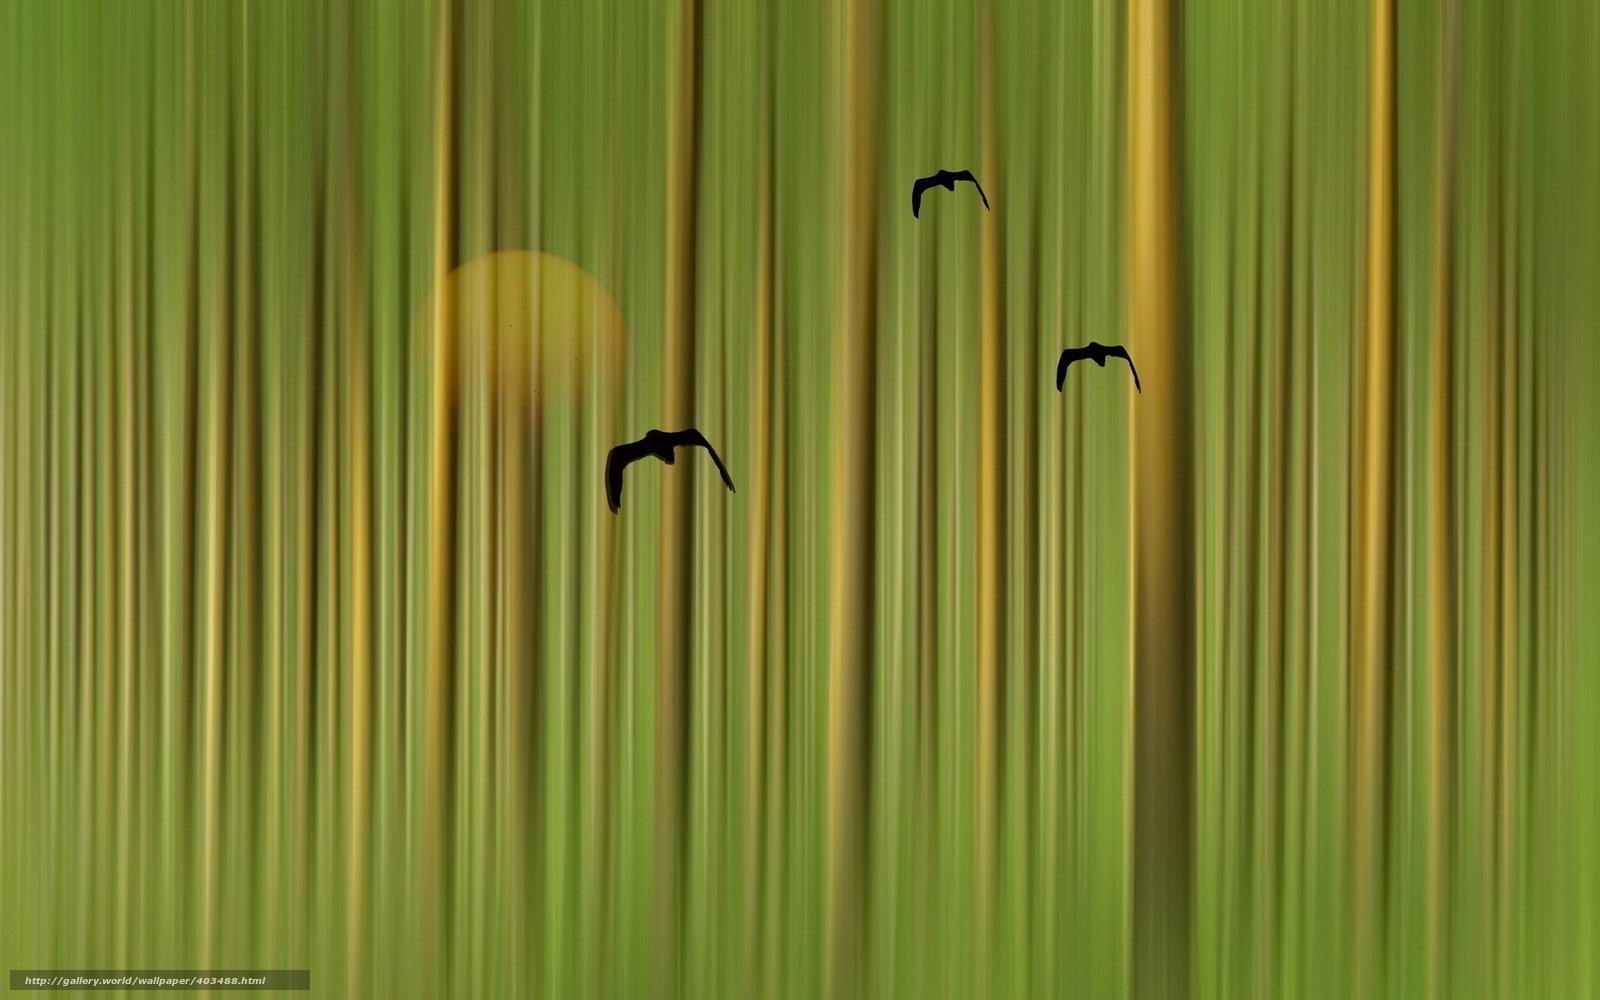 Tlcharger fond d 39 ecran oiseaux fond couleur style fonds for Fond ecran style